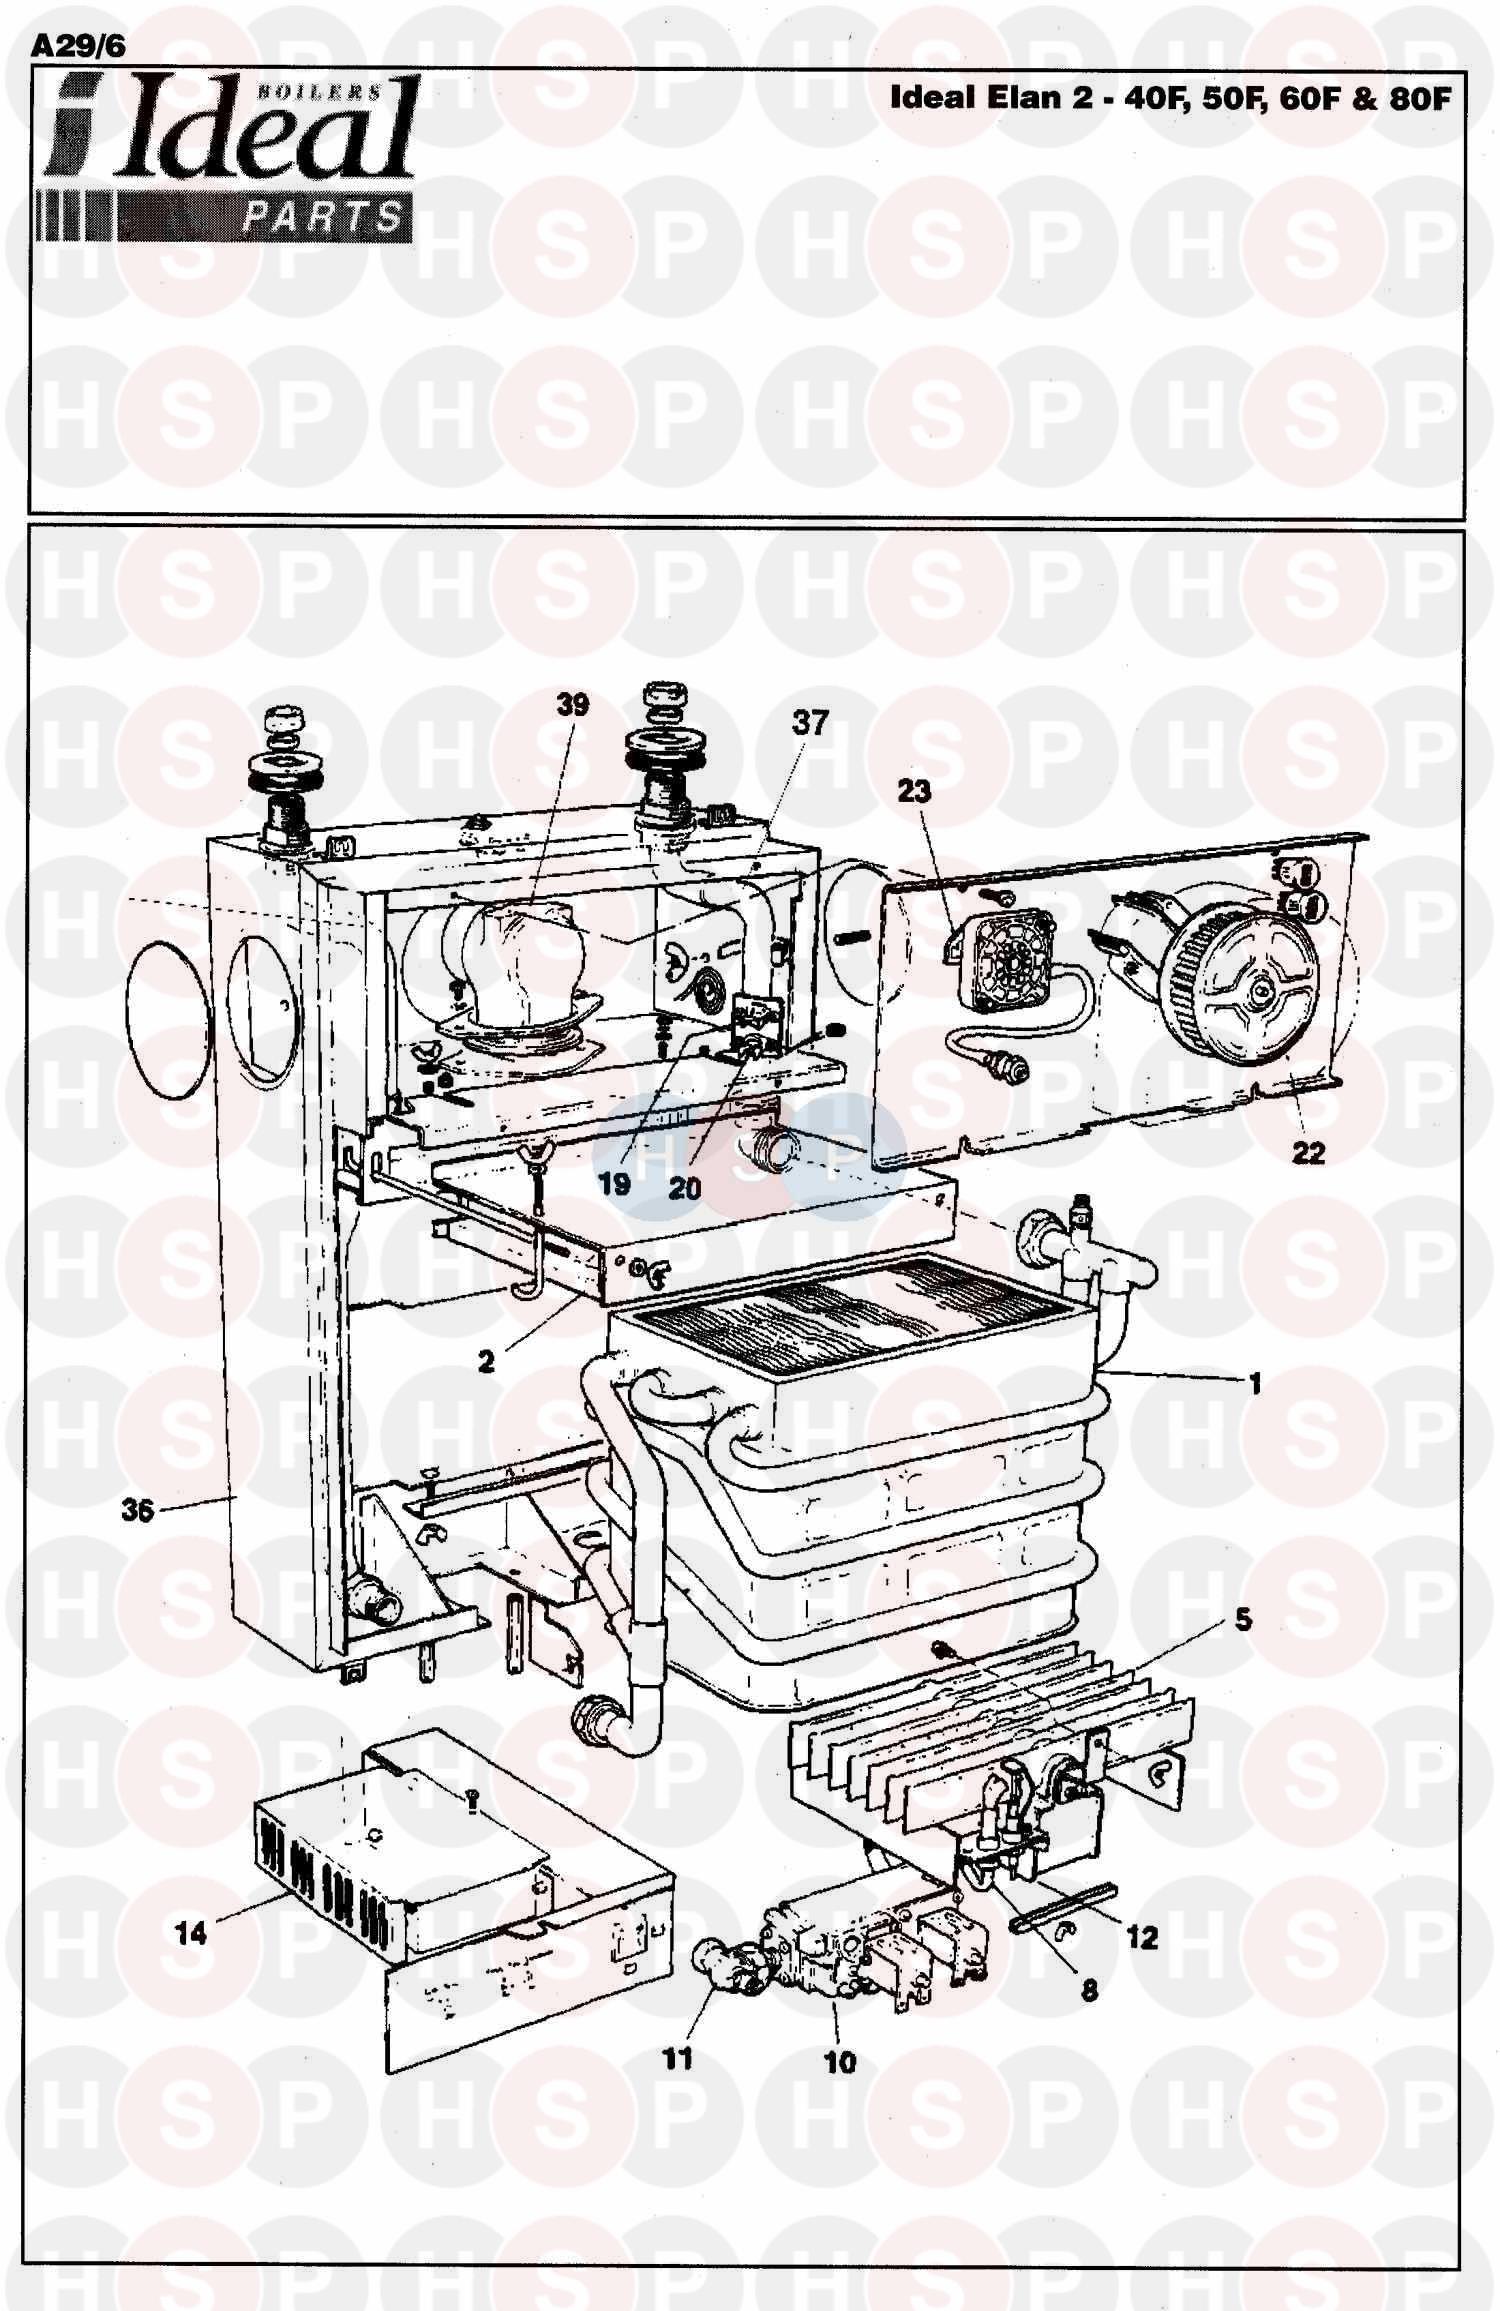 ideal elan 2 40f boiler assembly 1 diagram heating. Black Bedroom Furniture Sets. Home Design Ideas